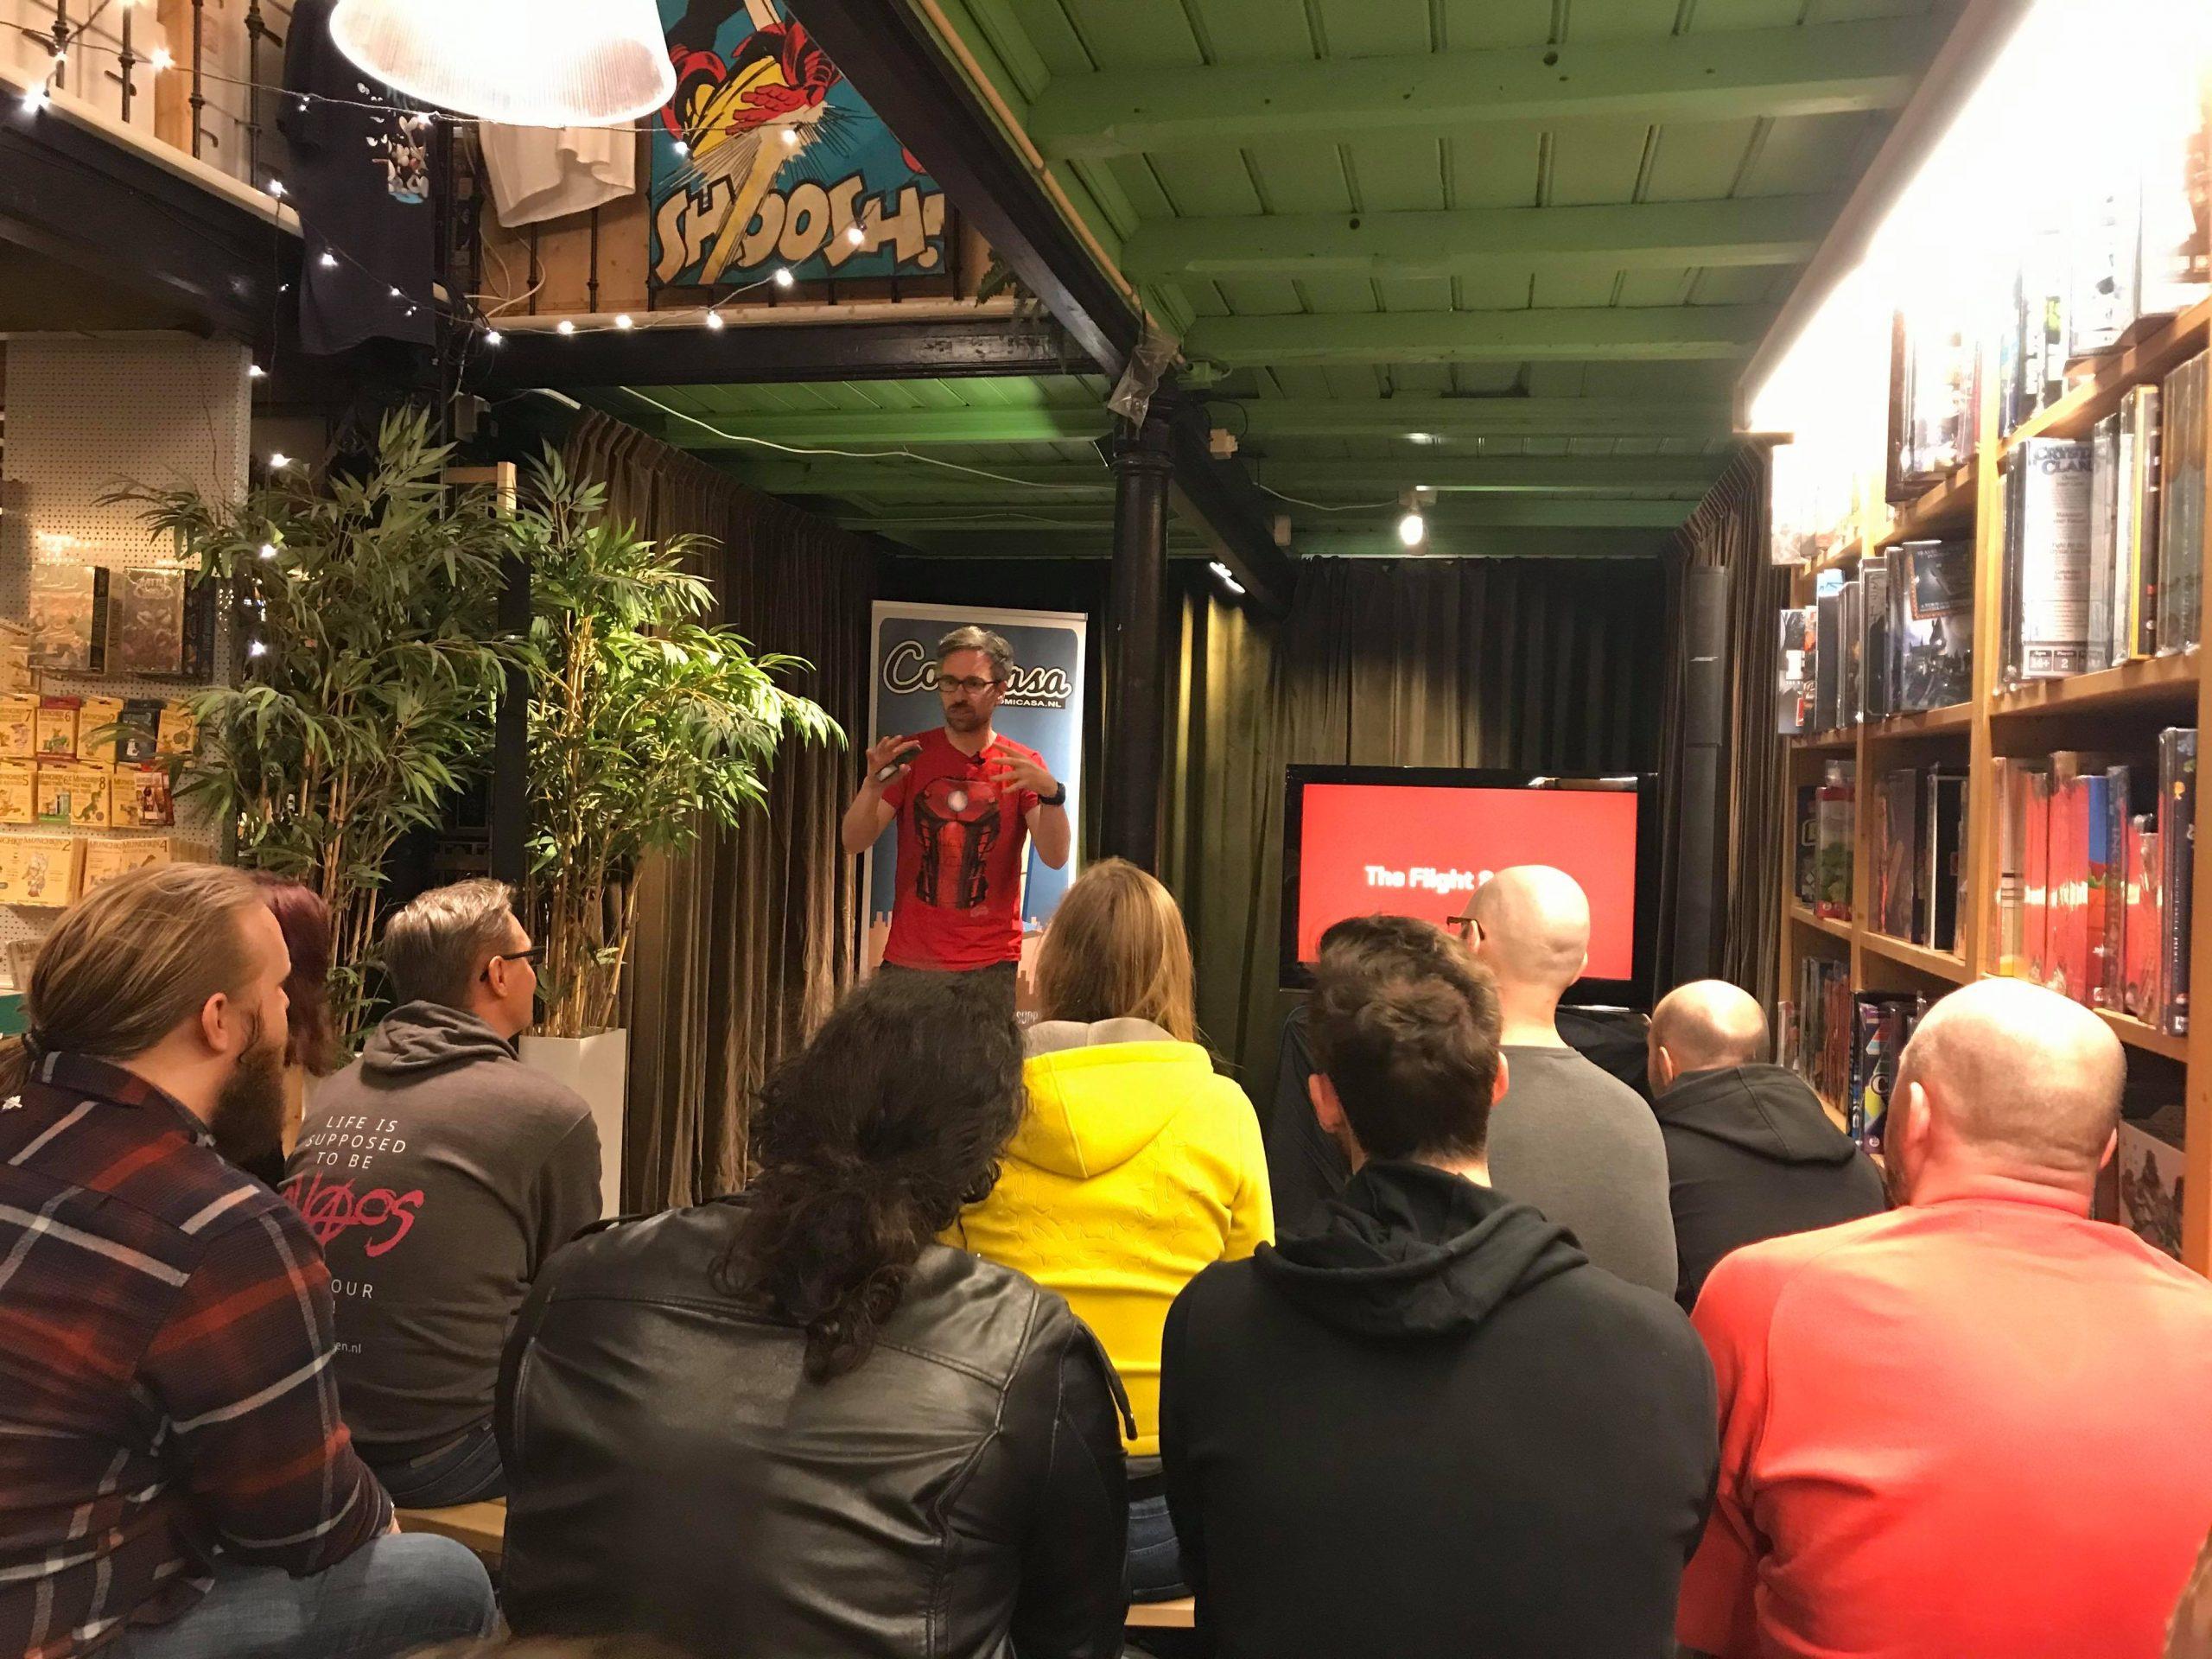 Speaking at Comicasa, Feb 21st 2020